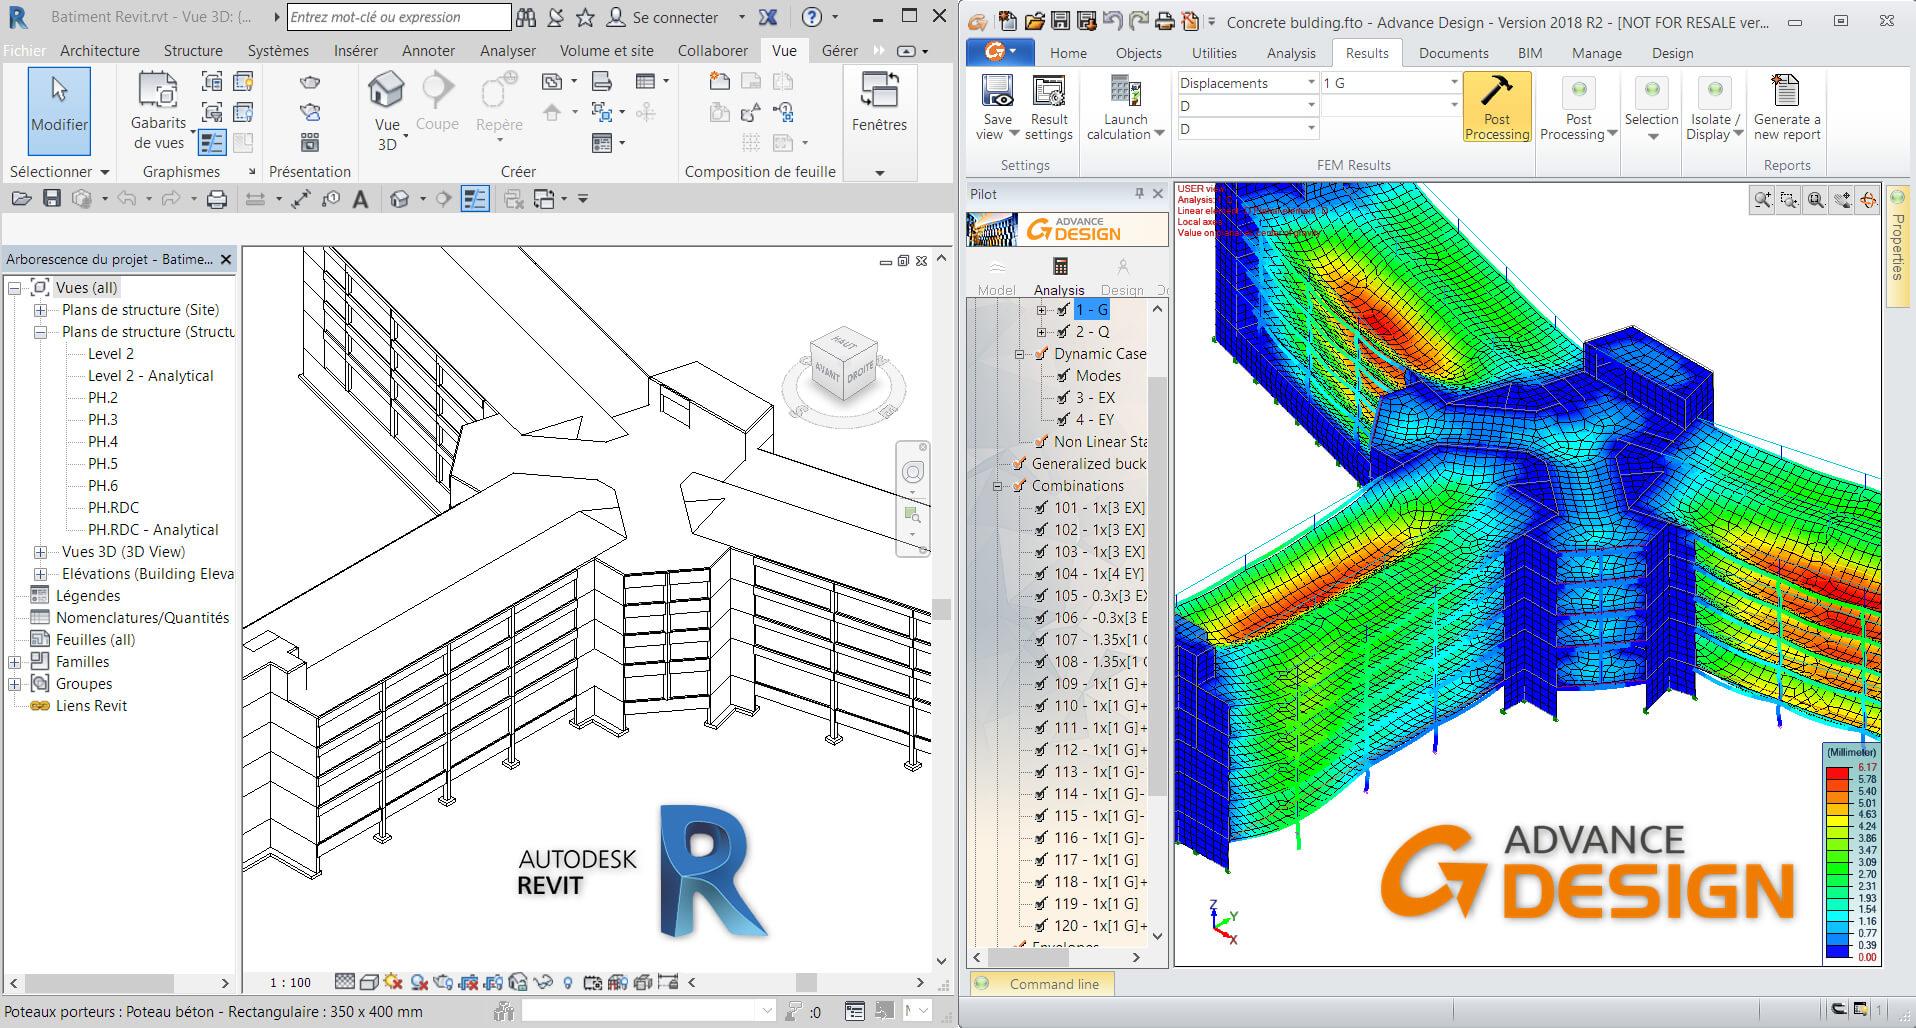 Advance Design - Graitec Regarding Fea Report Template